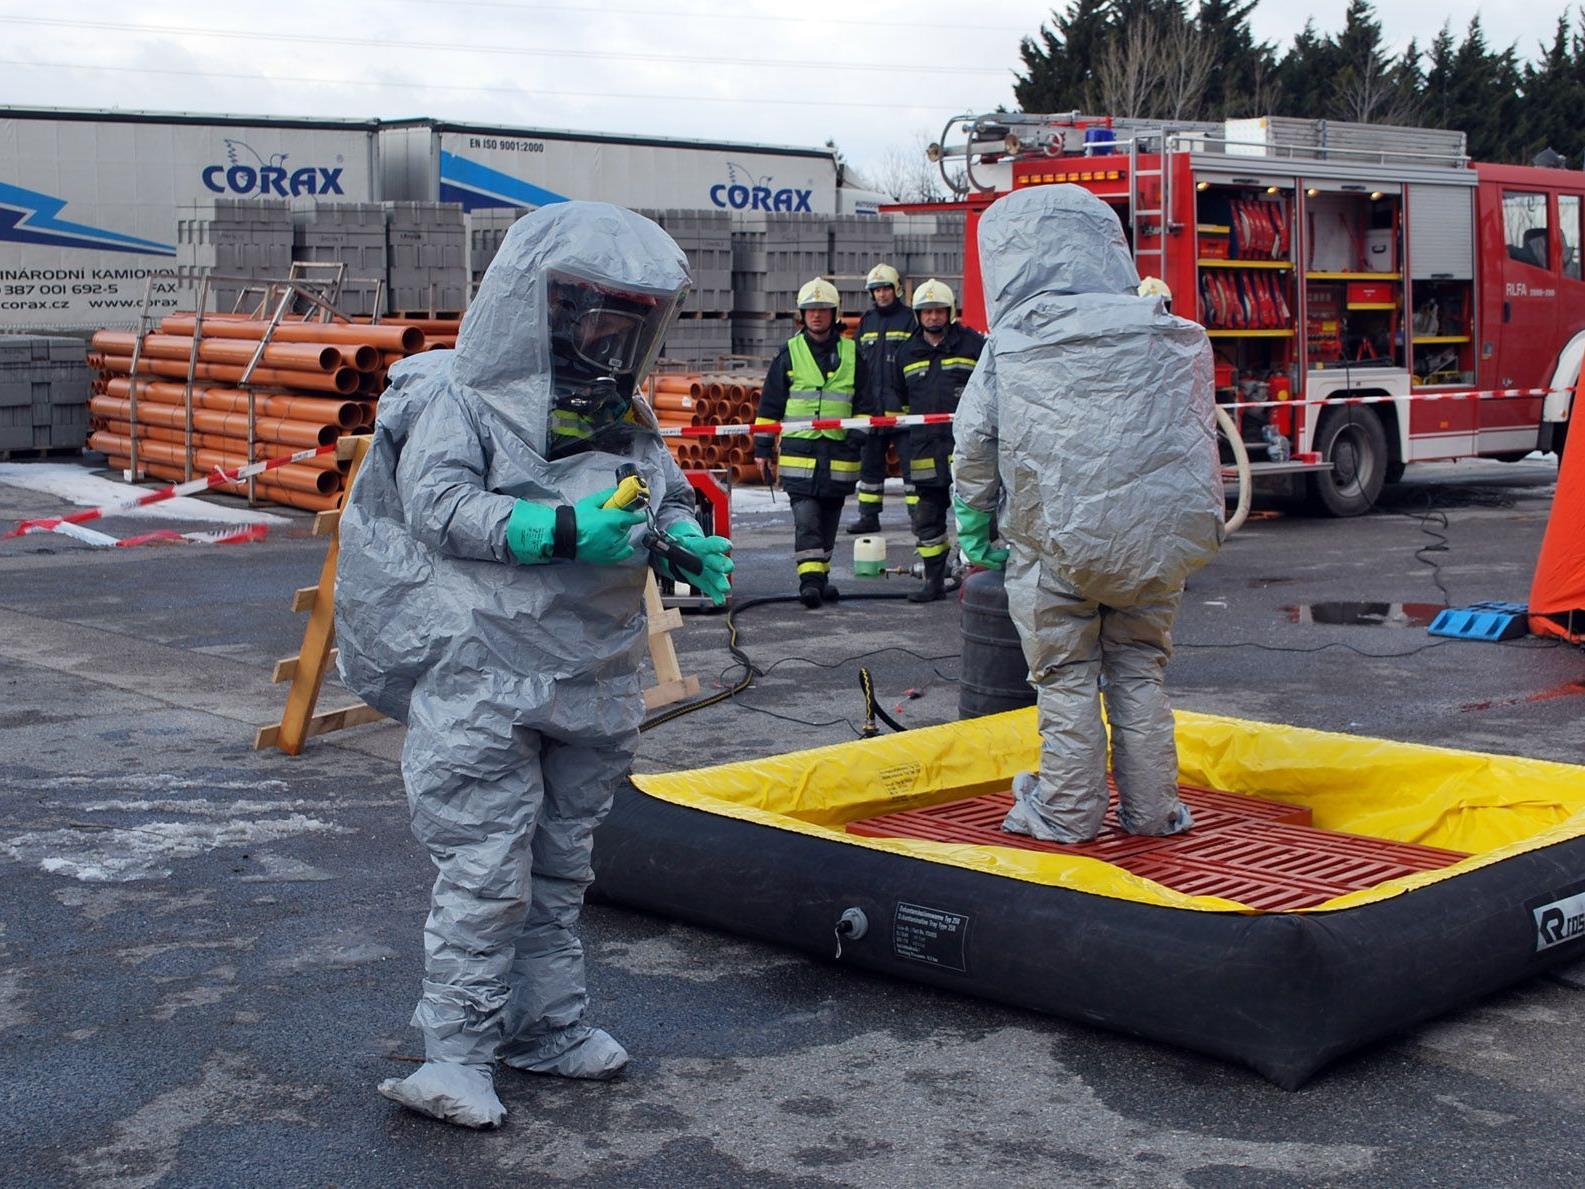 Wie Astronauten mussten sich die Feuerwehrmänner der Gefahrenstelle nähern